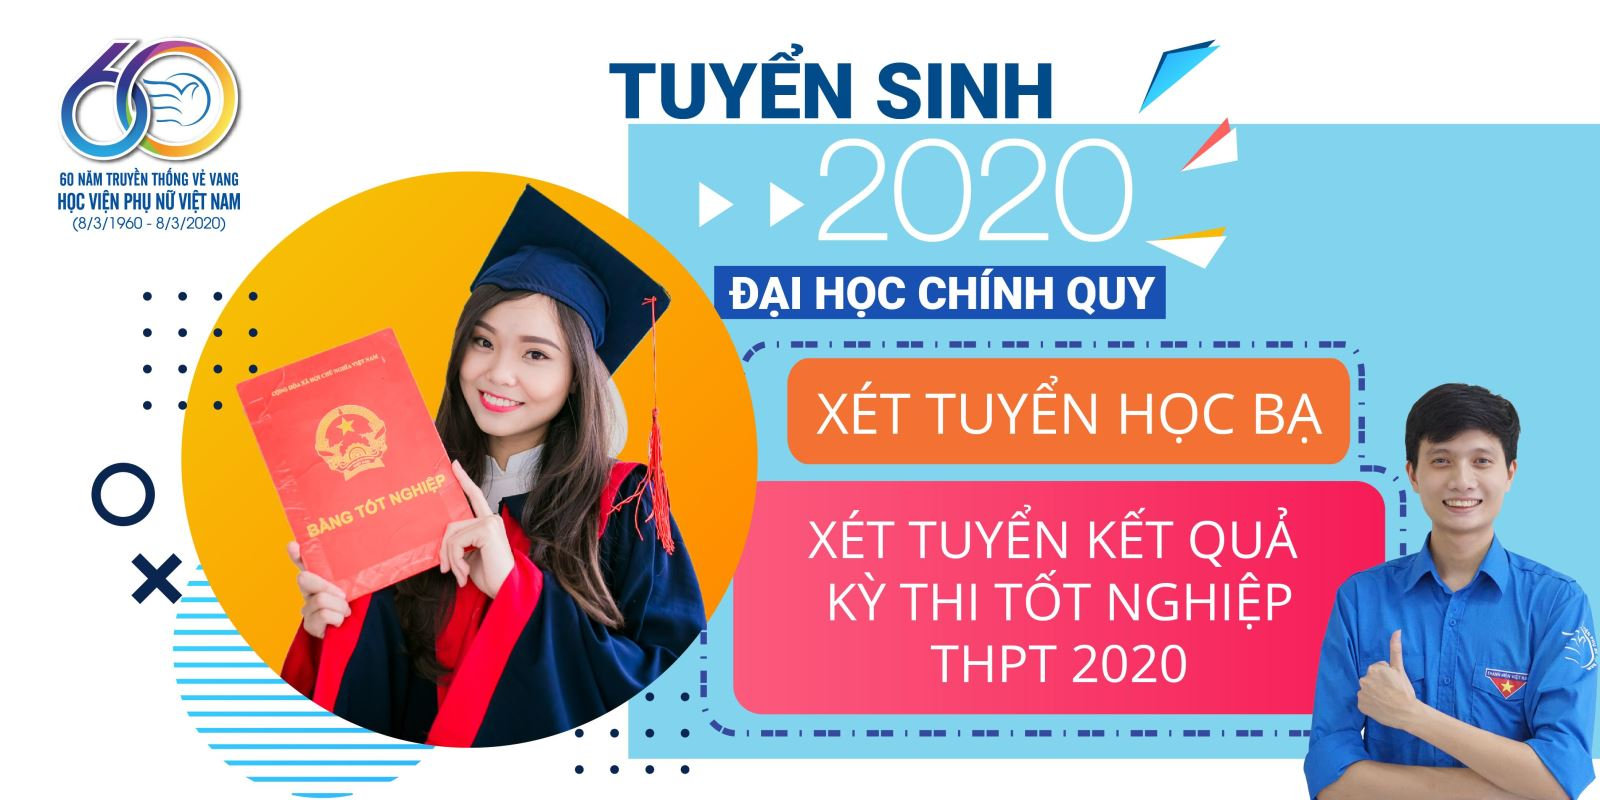 THÔNG BÁO XÉT TUYỂN ĐẠI HỌC 2020